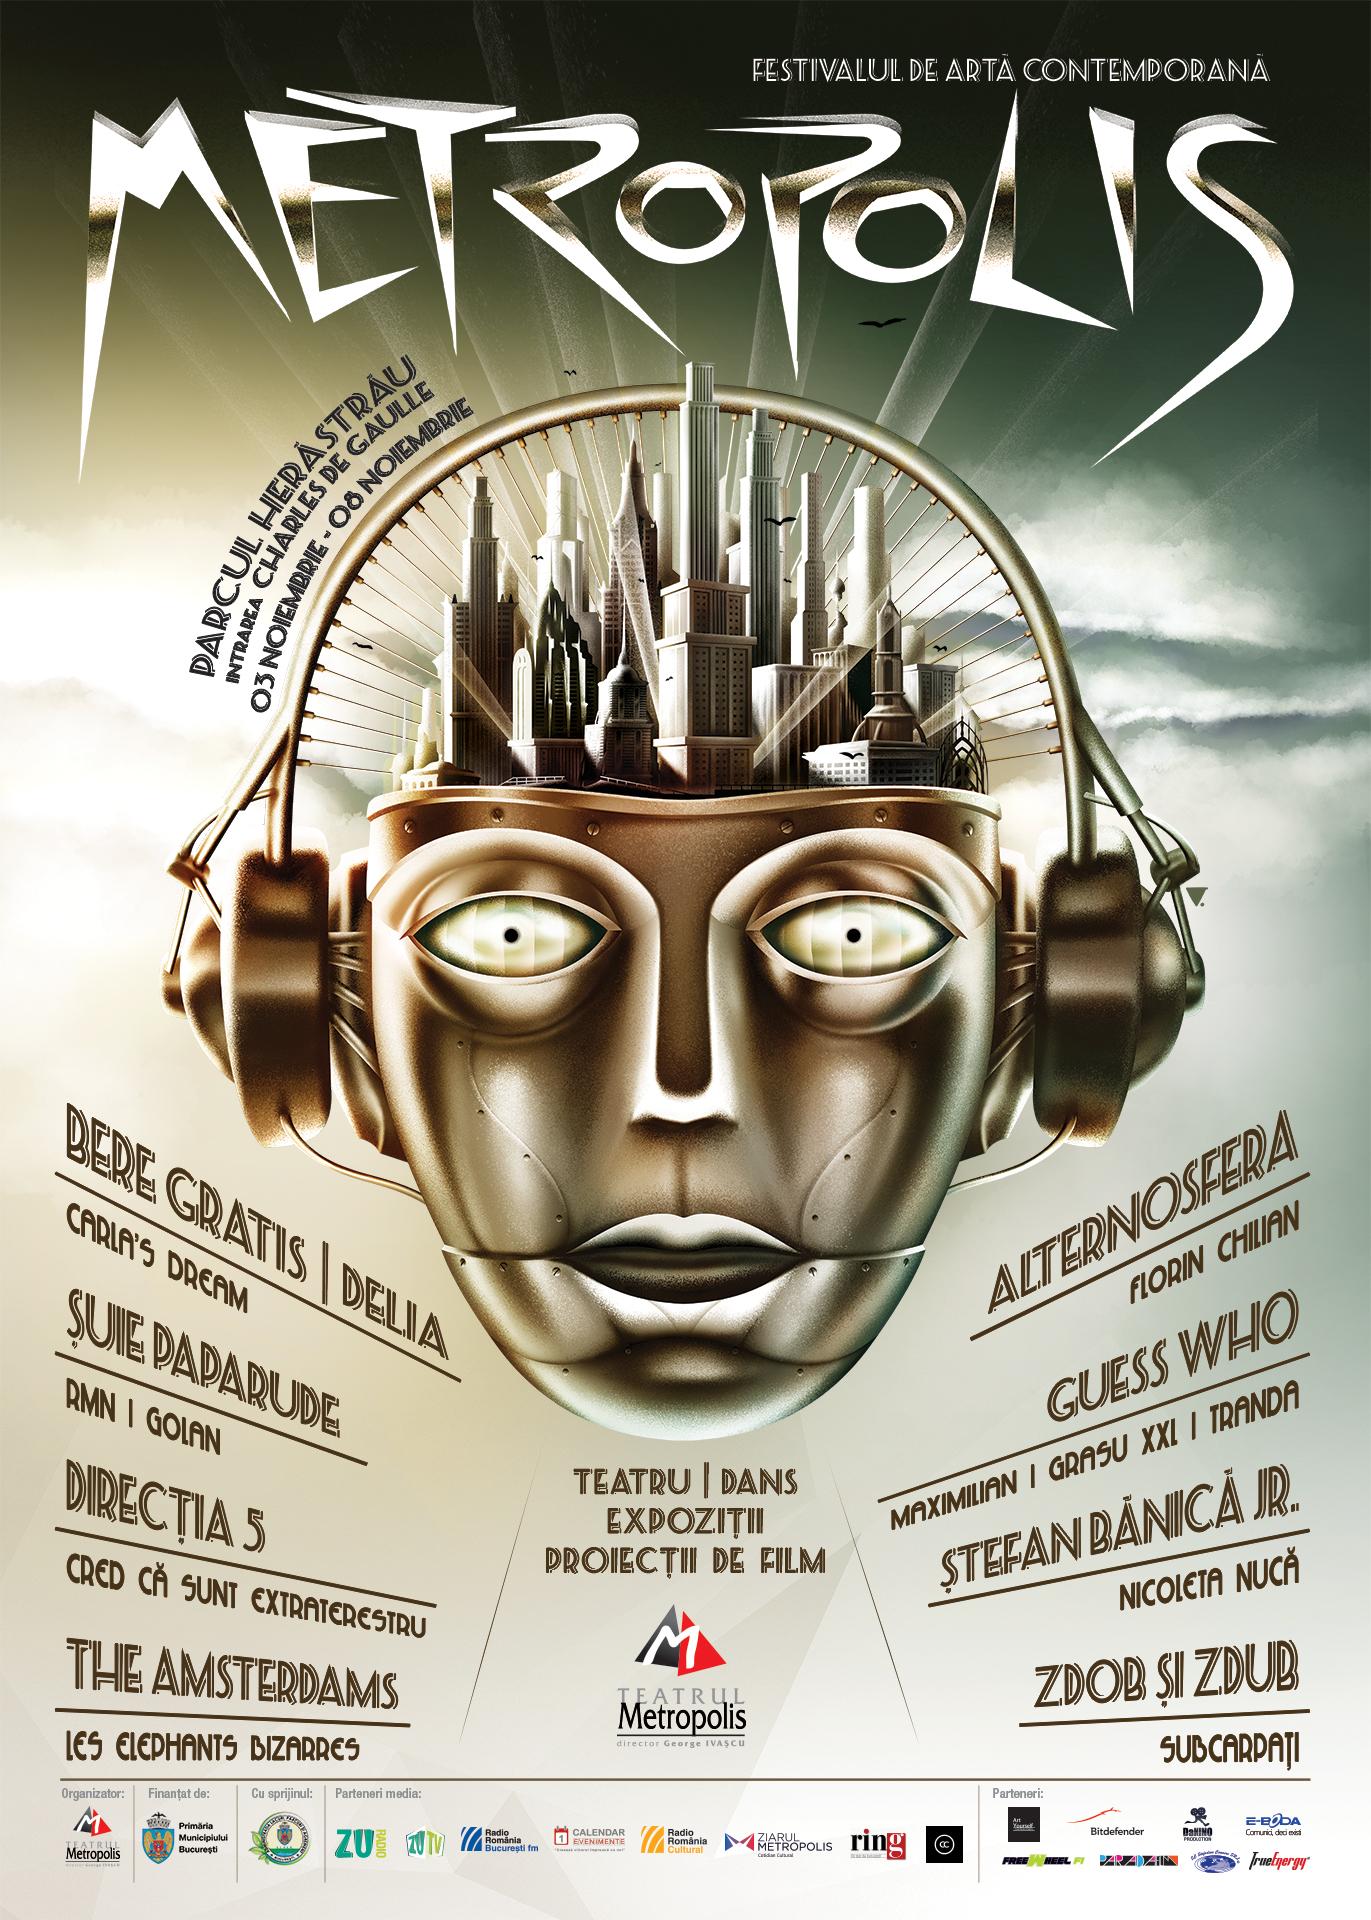 Festivalul de Arta Contemporana Metropolis 3-8 Noiembrie